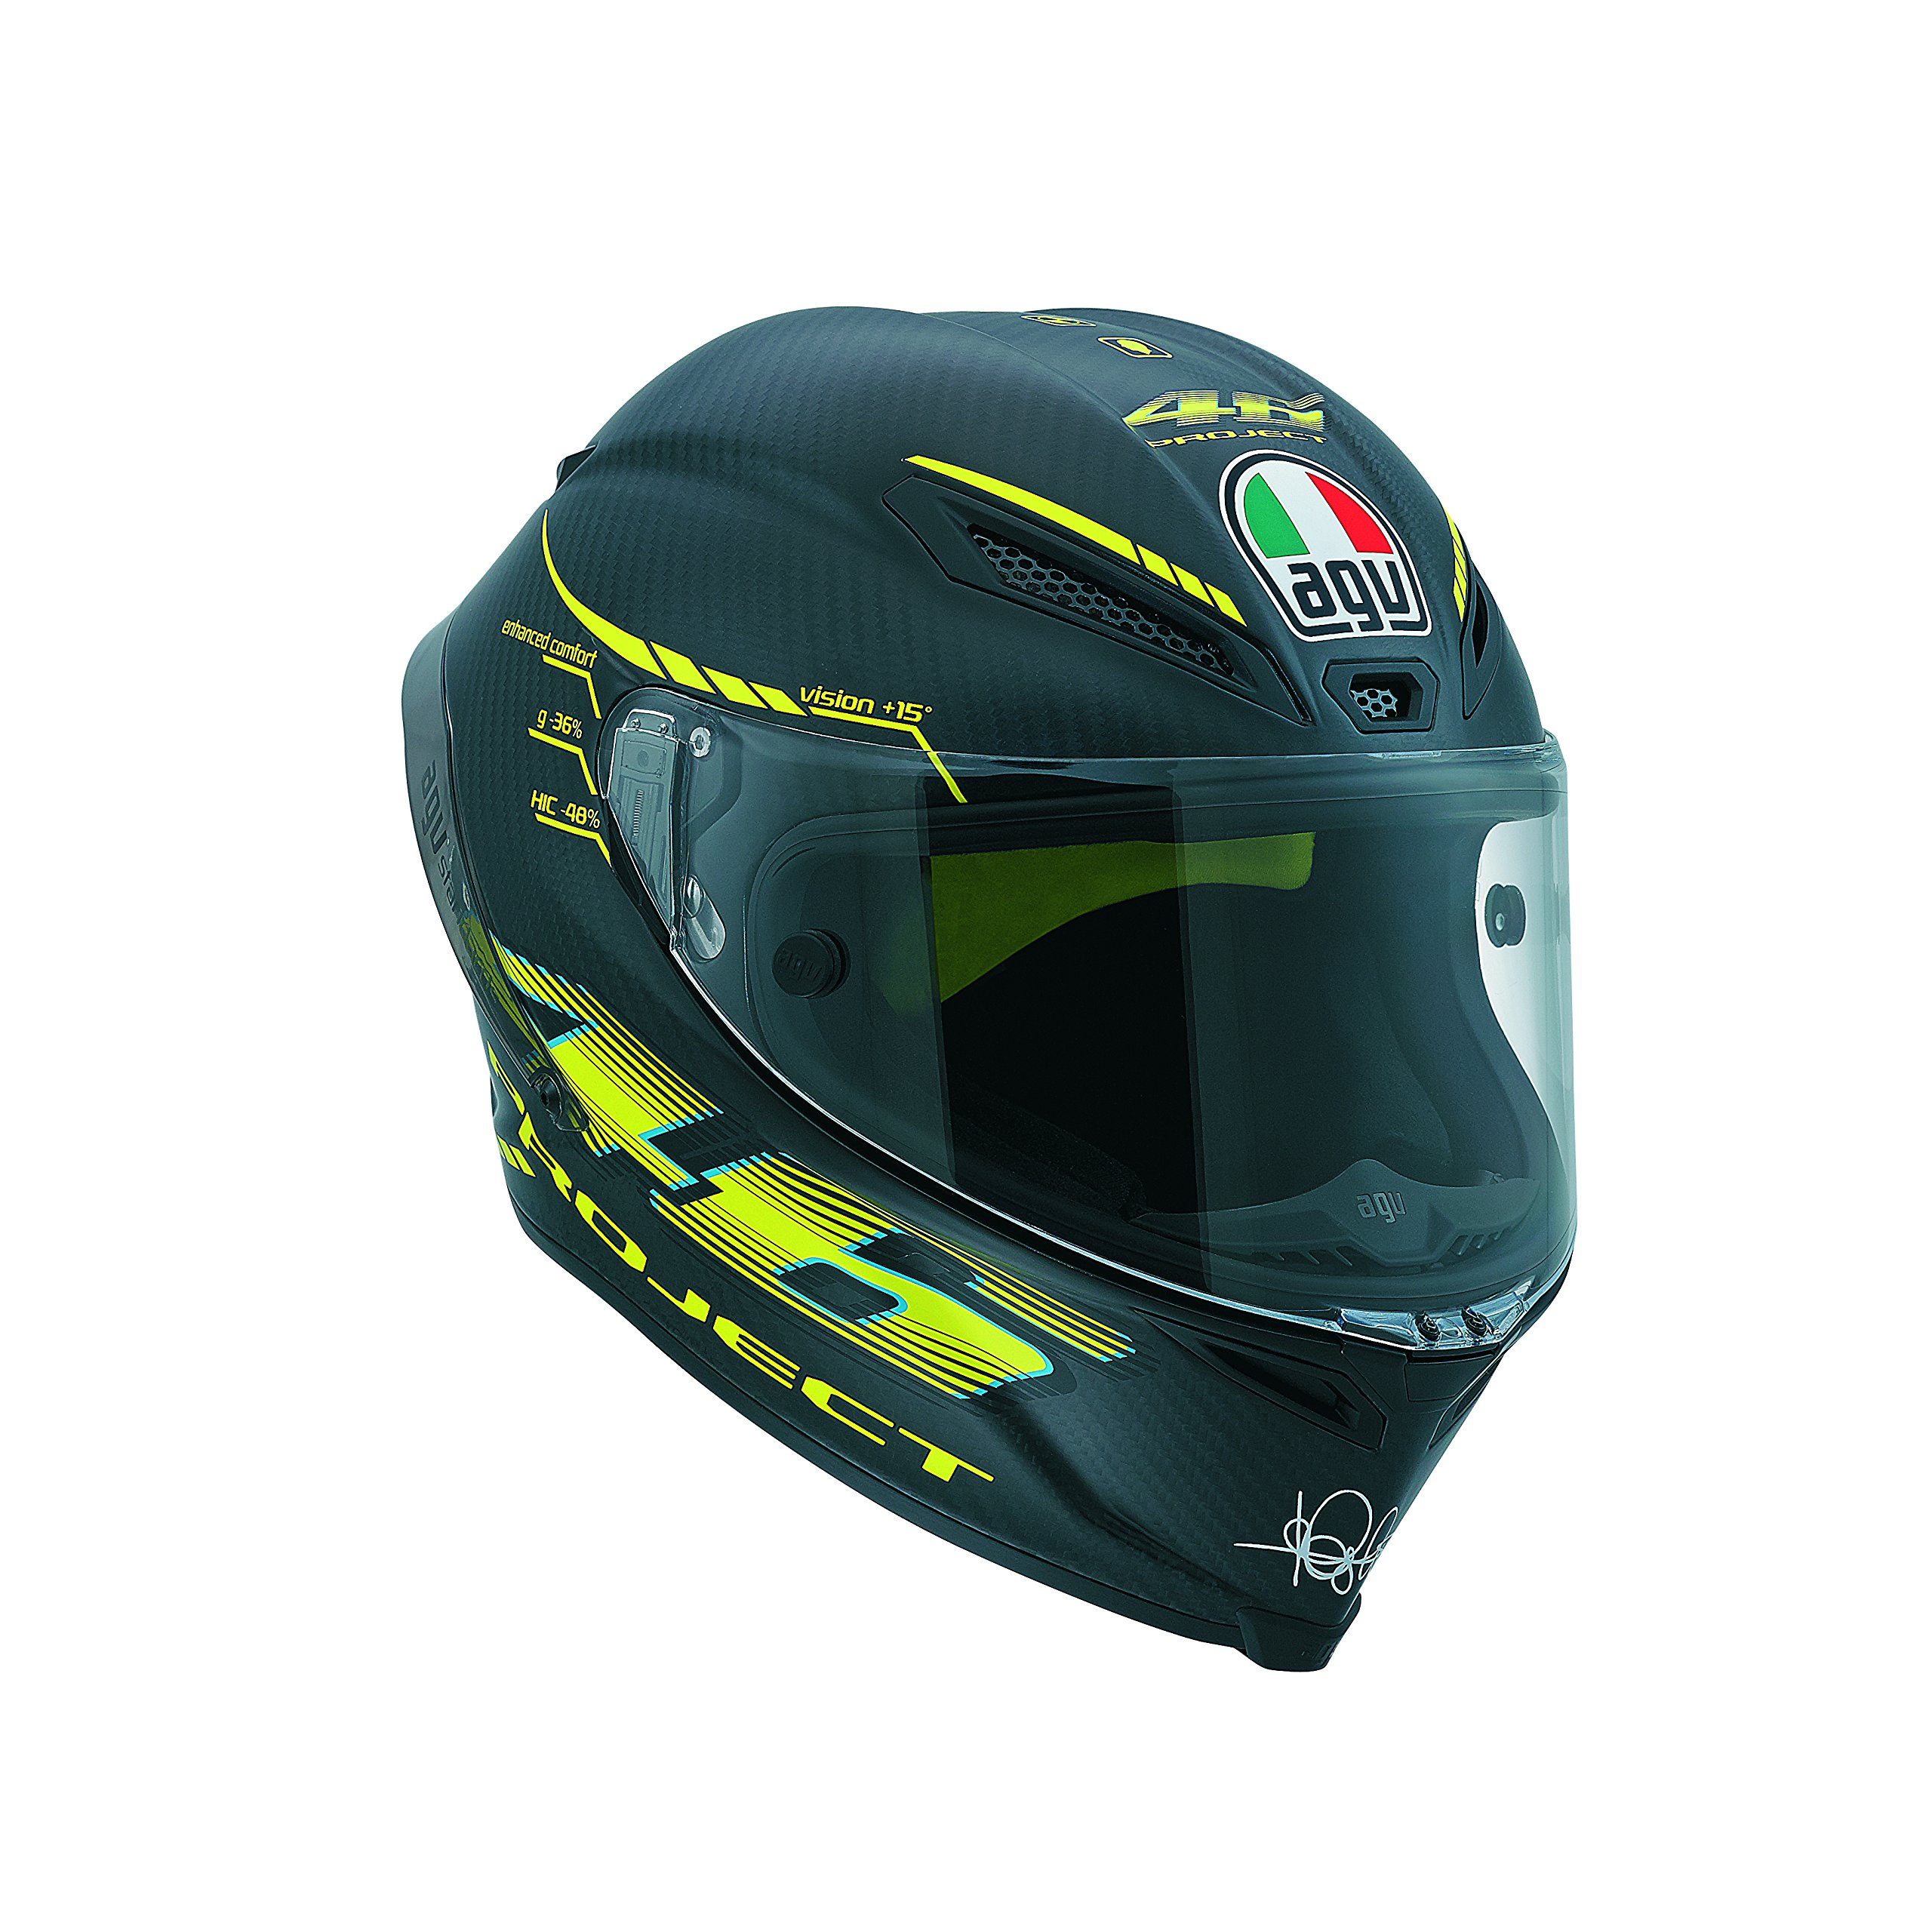 AGV J6001A0GW001XL Casco Pista GP E2205 Top W, Multicolore, Misura 10